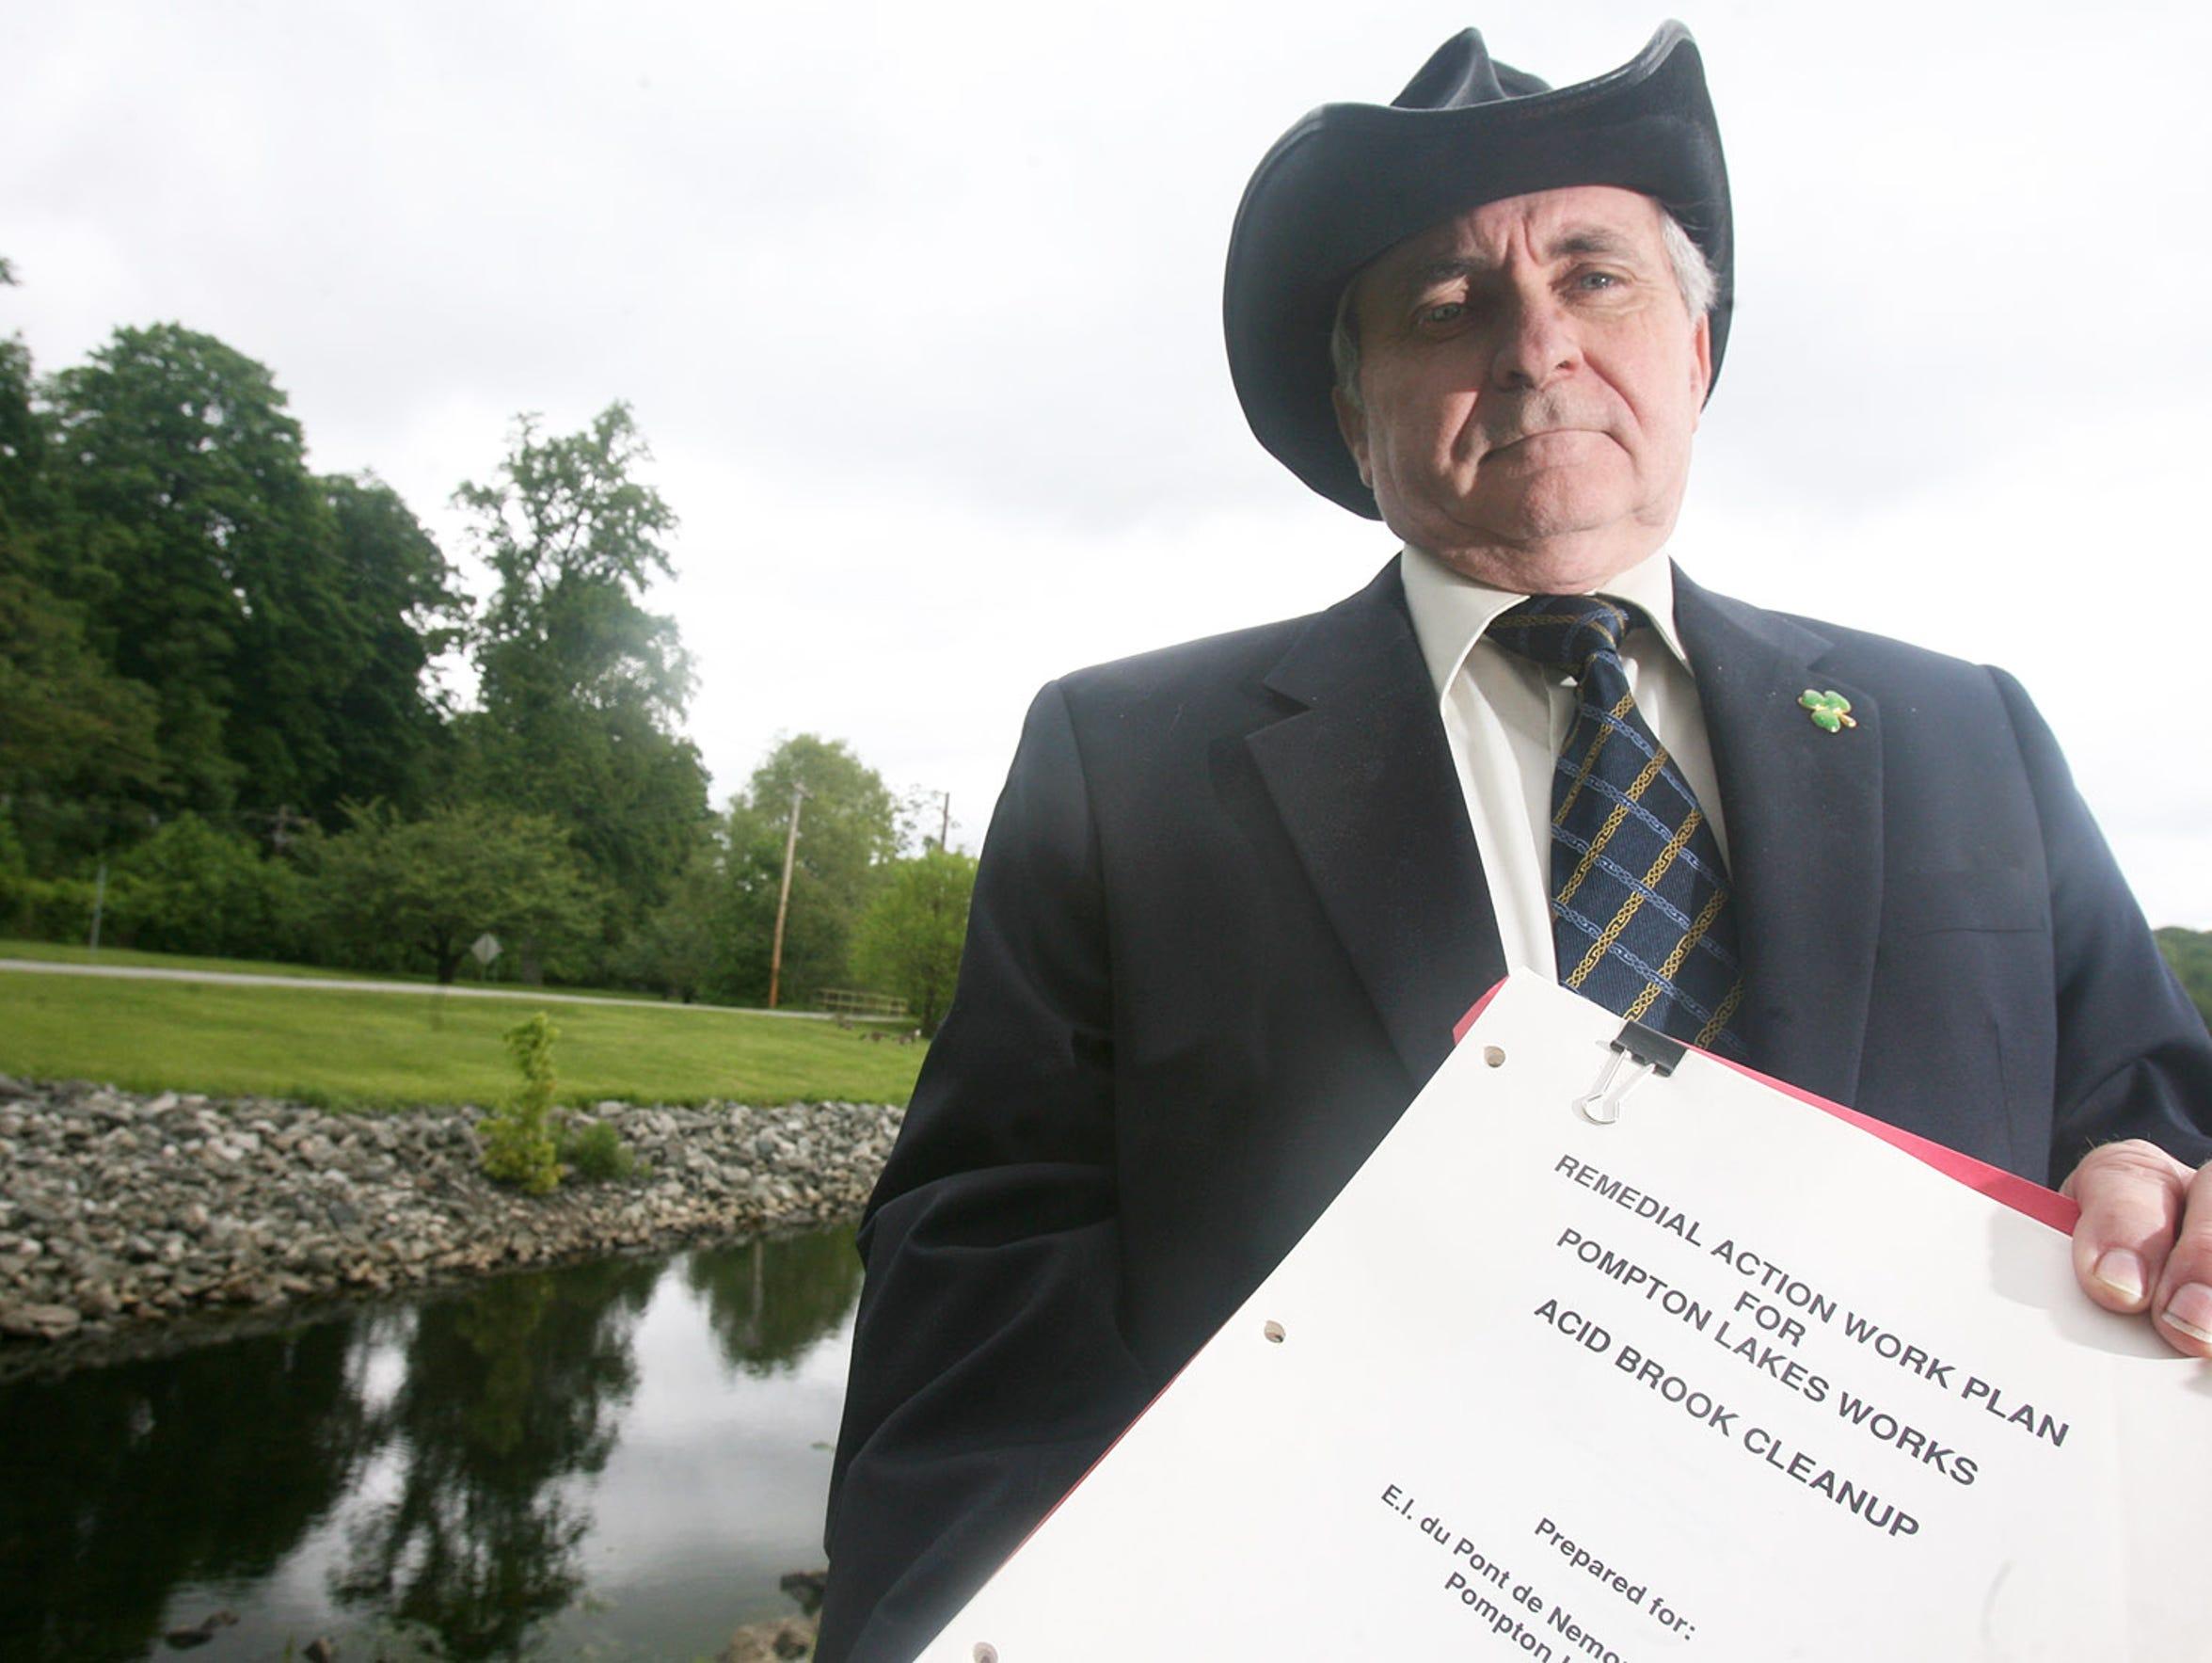 Former Pompton Lakes Mayor John Sinsimer uncovered